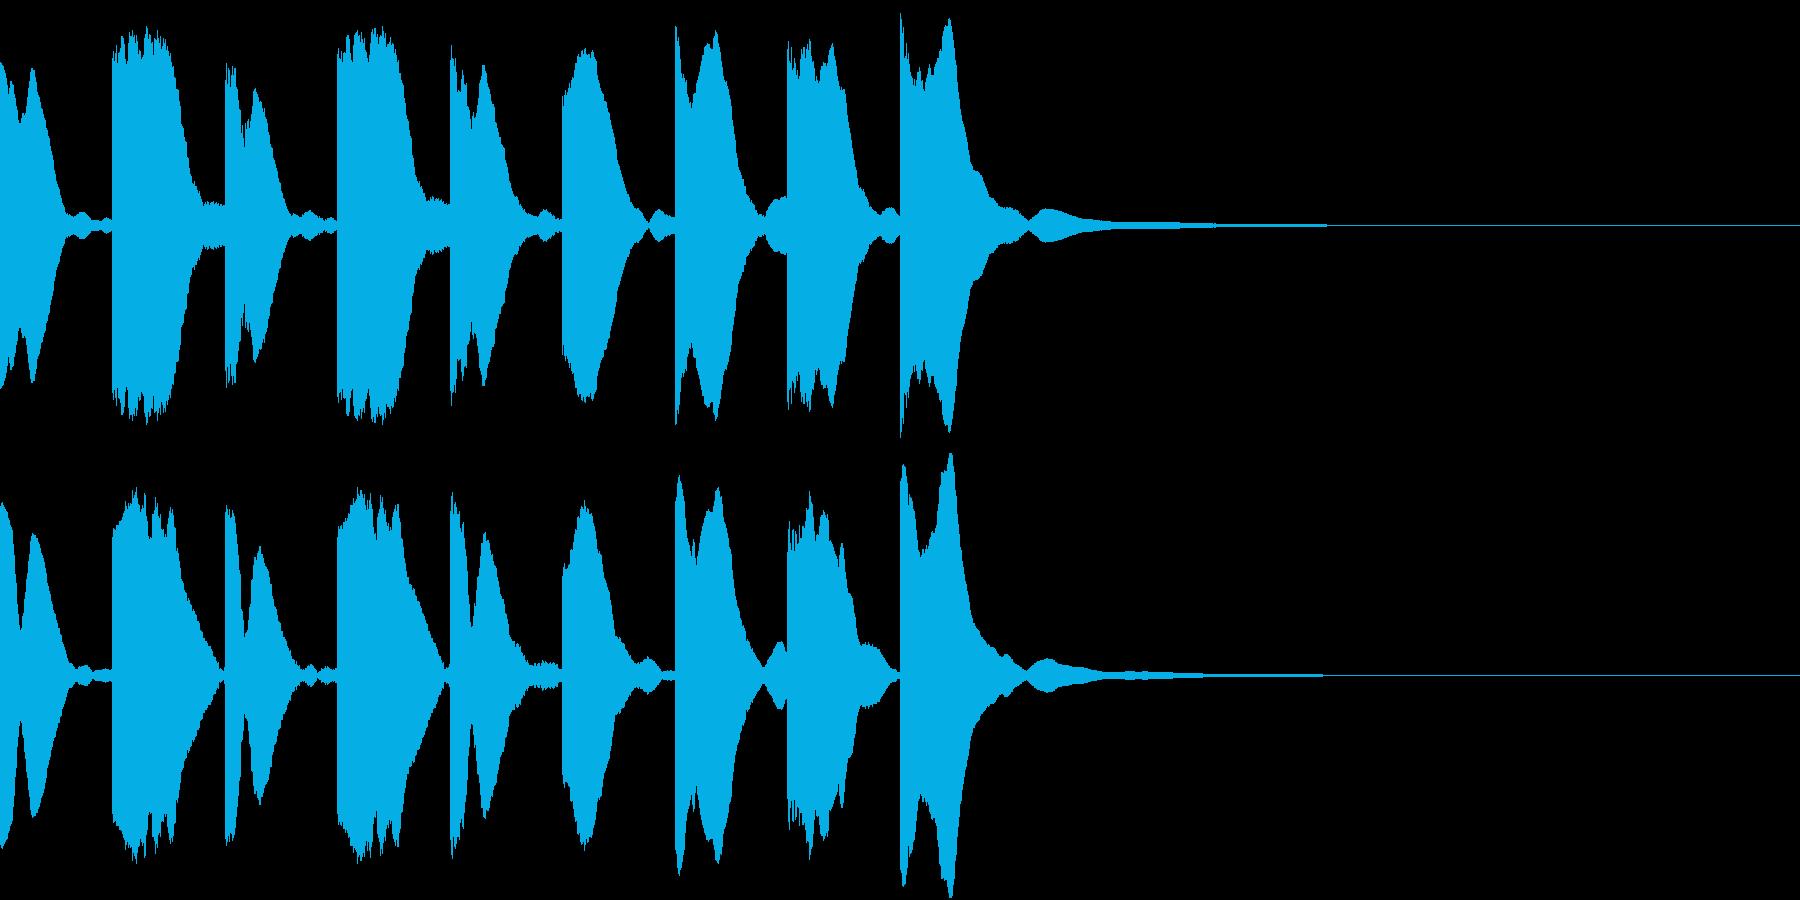 シンセ、テクノ、ピコピコ効果音2の再生済みの波形